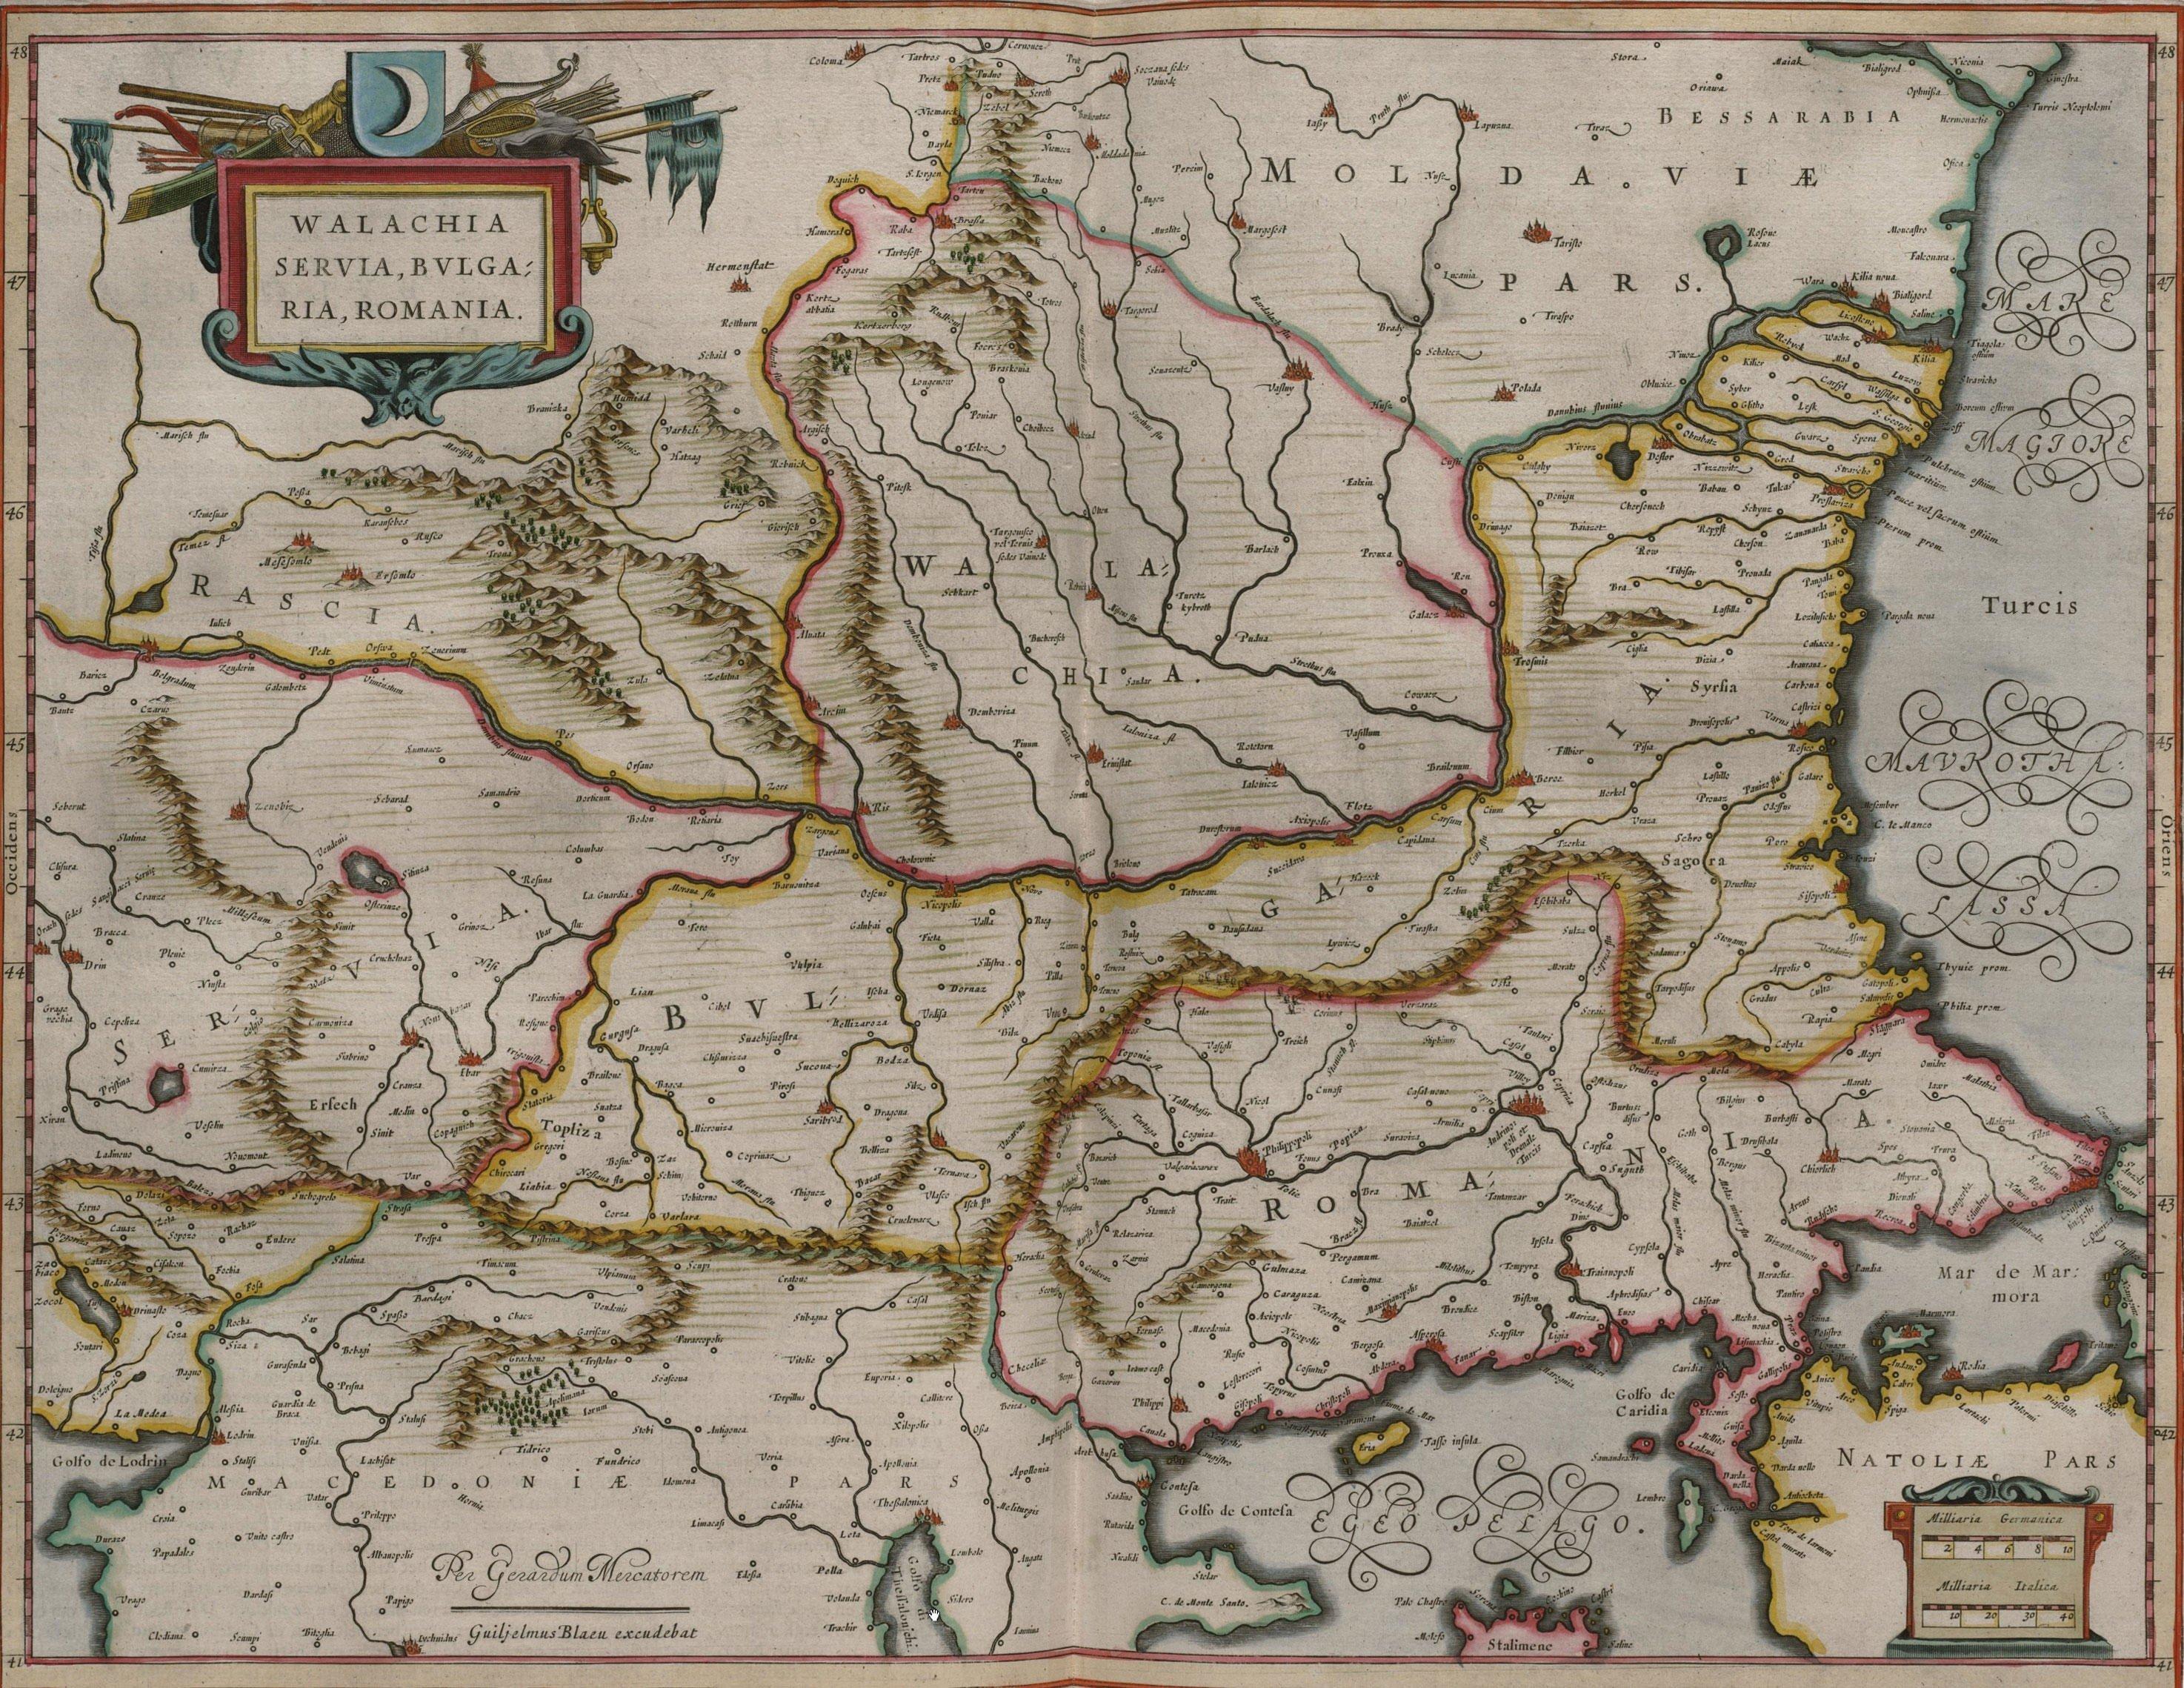 Регион в 1657 году maps, балканы, картографическая подборка, картография, карты, карты Балкан